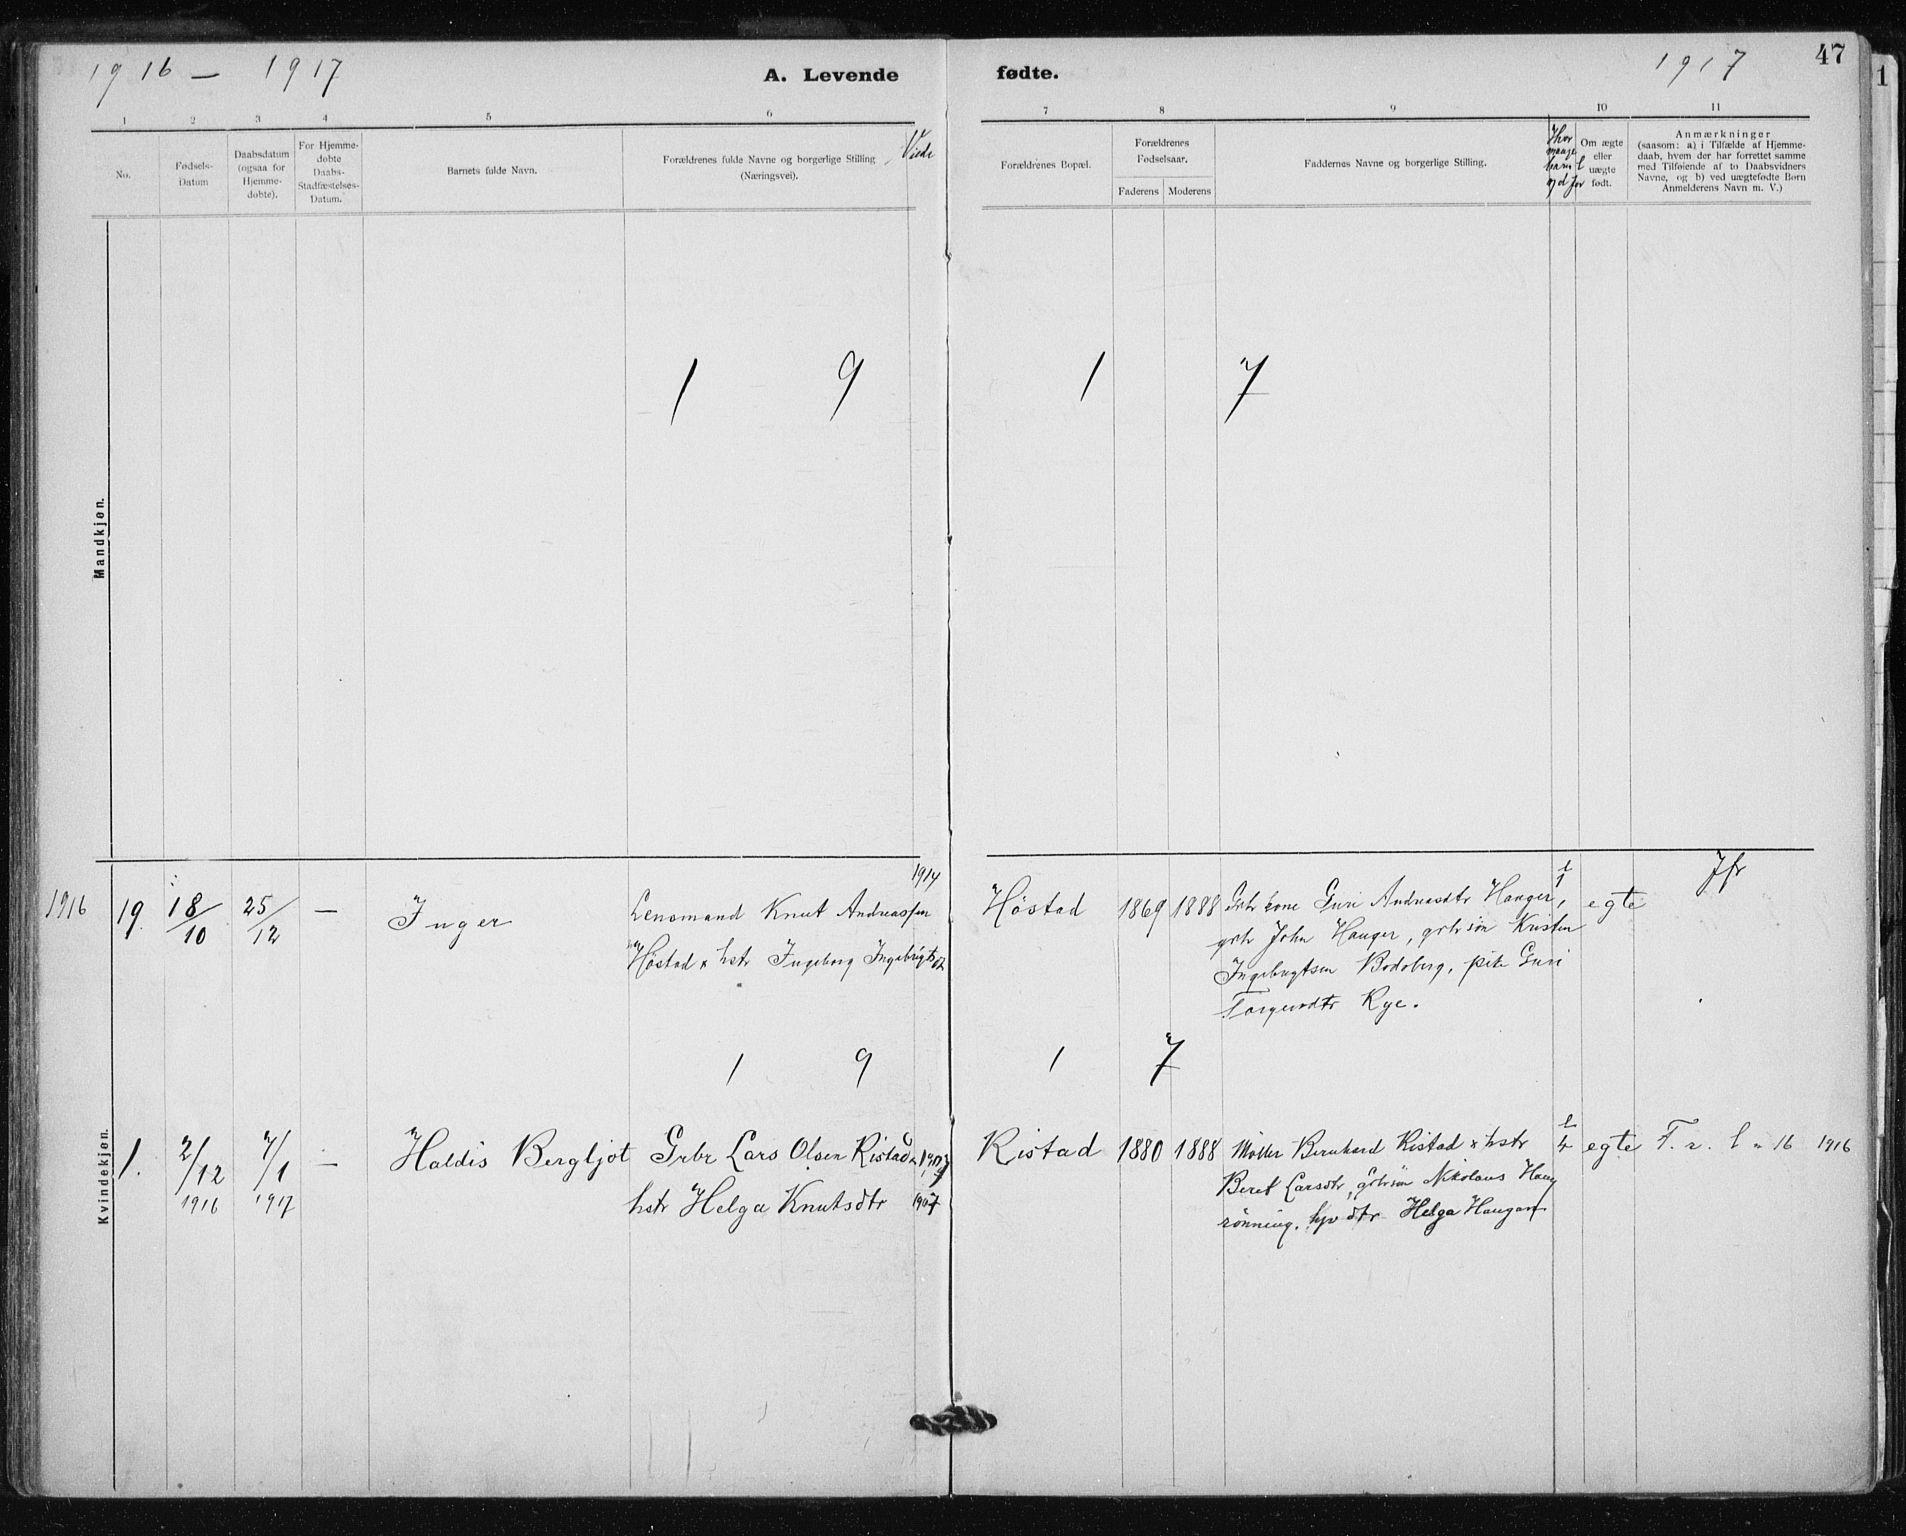 SAT, Ministerialprotokoller, klokkerbøker og fødselsregistre - Sør-Trøndelag, 612/L0381: Ministerialbok nr. 612A13, 1907-1923, s. 47